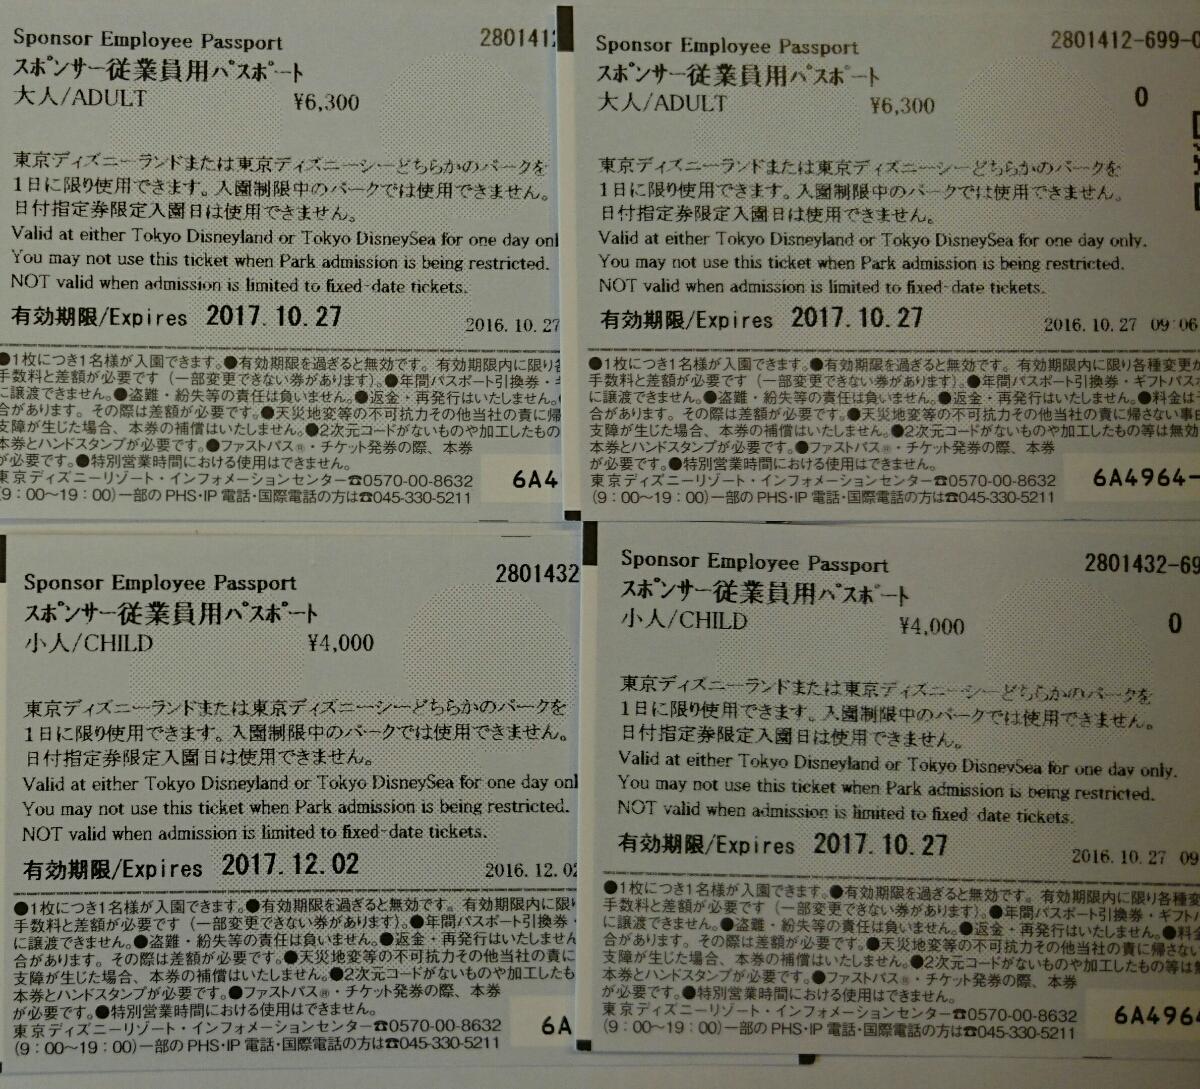 東京ディズニーリゾート スポンサー従業員用パスポート 東京